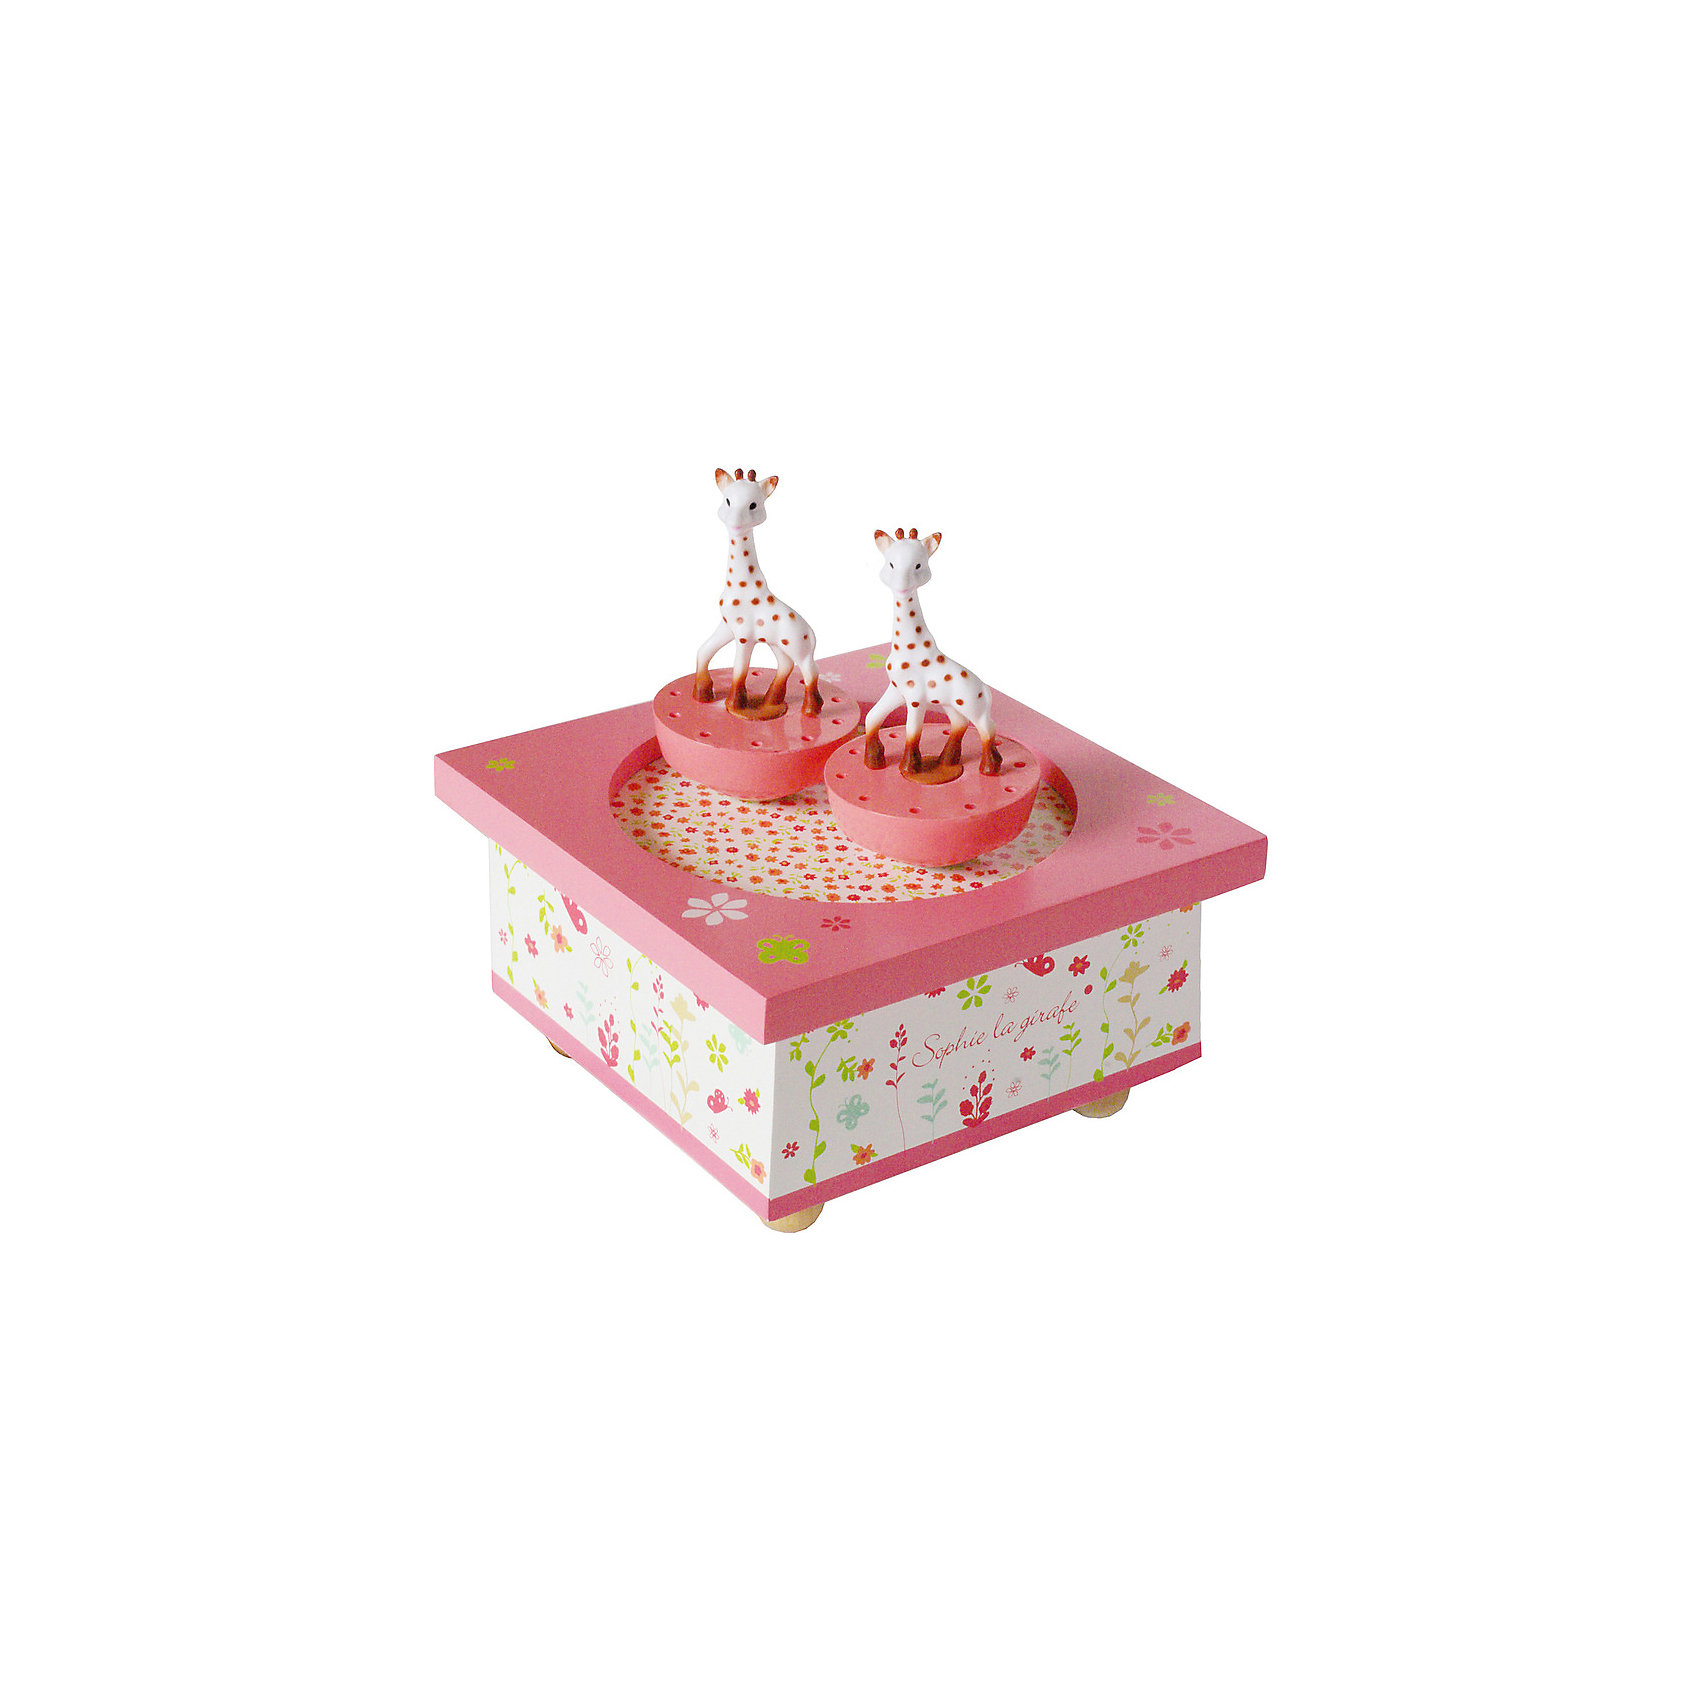 Музыкальная шкатулка Sophie The Giraffe©, TrousselierПредметы интерьера<br>Музыкальная шкатулка Sophie The Giraffe©, Trousselier<br><br>ВНИМАНИЕ! Шкатулка предназначена для декора комнаты, она не открывается и хранить в ней разные мелочи и бижутерию невозможно.<br><br>Какая девочка не мечтает о музыкальной шкатулке? Подарите девочке настоящую музыкальную шкатулку с заводным механизмом от французской компании Trousselier. Шкатулка проигрывает приятную мелодию, заводится с помощью ключика.<br>Она выглядит очень красиво - на ней симпатичные фигурки, которые кружатся при проигрывании мелодии. Шкатулка упакована в подарочную коробку производителя. Изделие произведено из высококачественных материалов, и соответствует европейским стандартам безопасности.<br><br>Дополнительная информация:<br><br>цвет: разноцветный;<br>материал: дерево;<br>подарочная упаковка;<br>заводной механизм;<br>размер: 11 х 11 х 7 см.<br><br>Музыкальную шкатулку Sophie The Giraffe© от французской компании Trousselier можно купить в нашем магазине.<br><br>Ширина мм: 114<br>Глубина мм: 114<br>Высота мм: 70<br>Вес г: 290<br>Возраст от месяцев: 12<br>Возраст до месяцев: 216<br>Пол: Женский<br>Возраст: Детский<br>SKU: 4961874